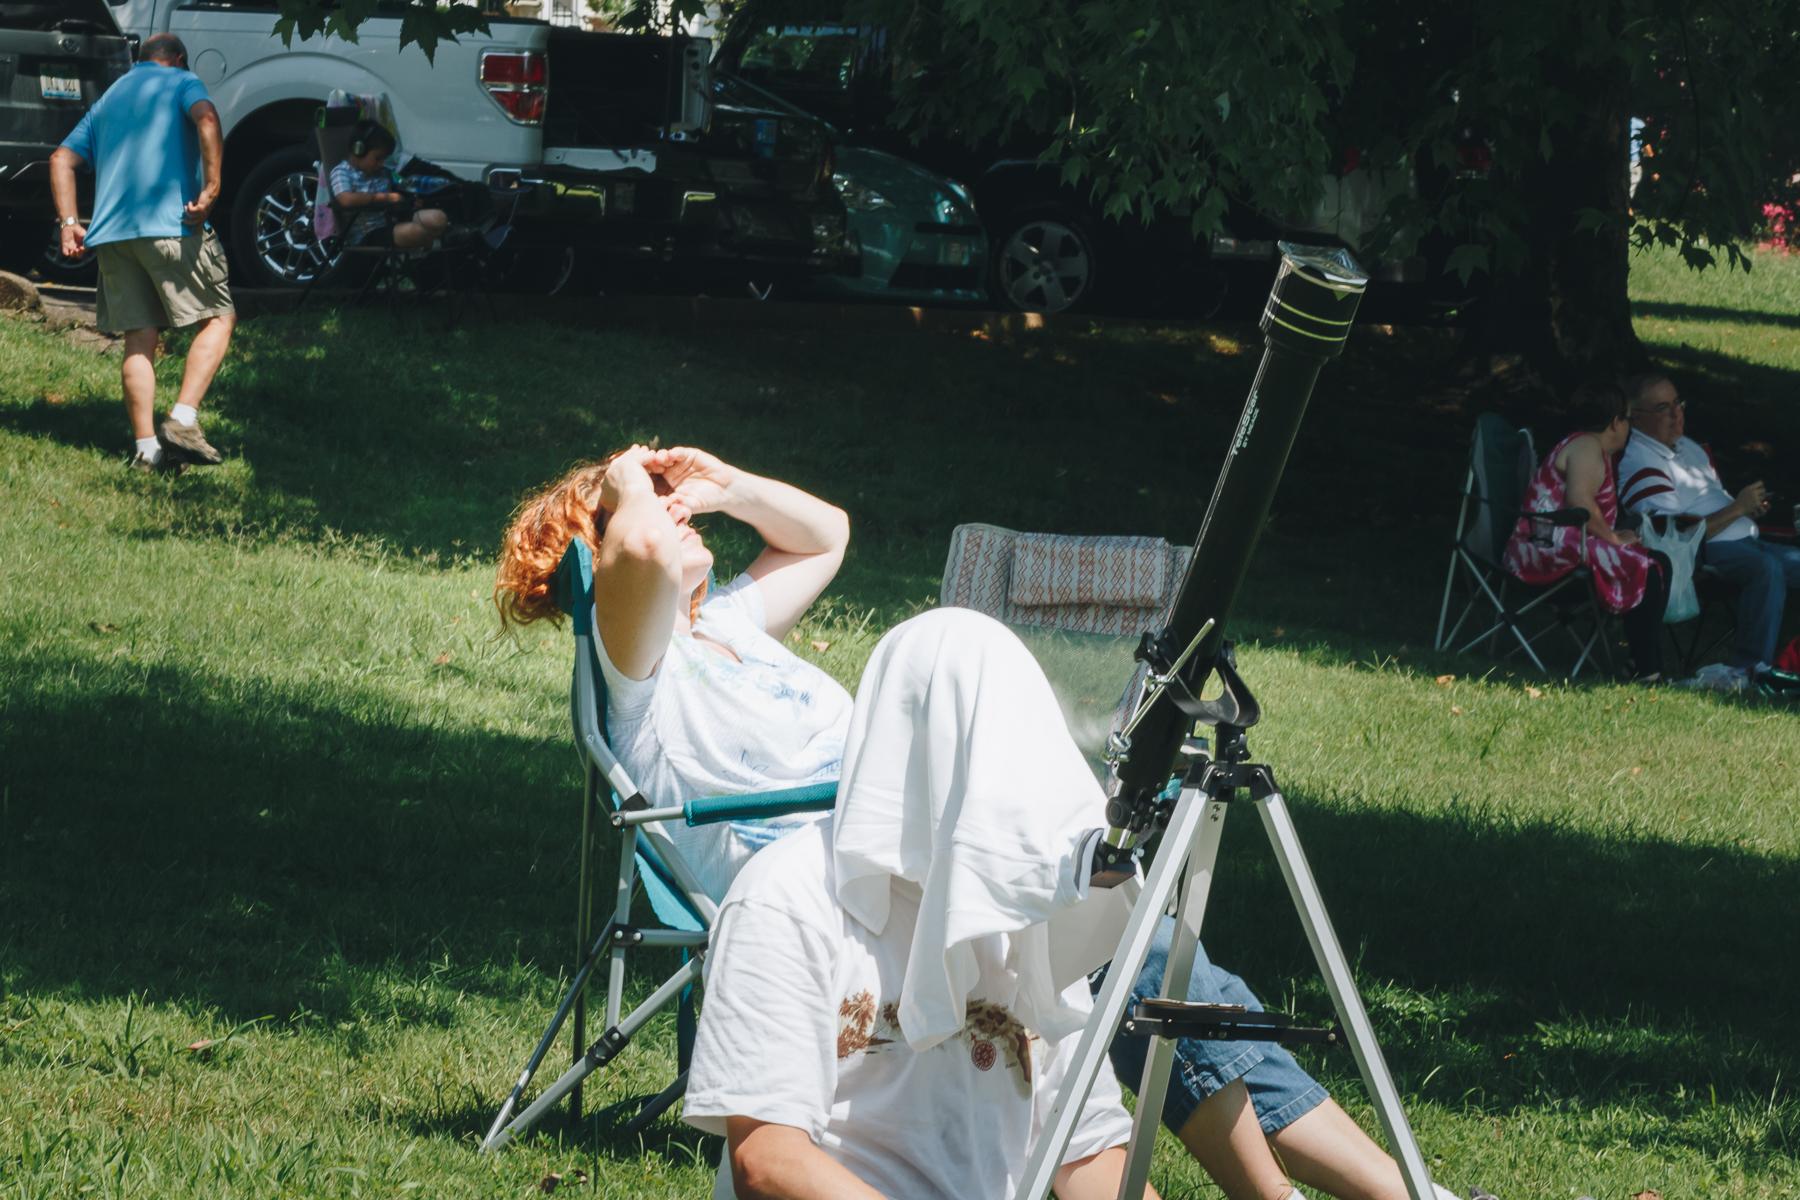 solareclipse_lo_res-14.jpg